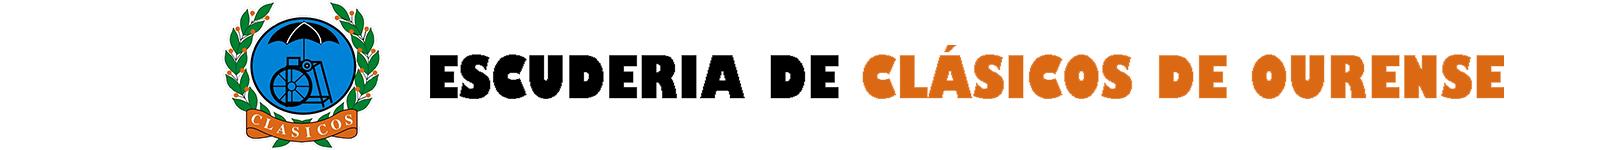 Escudera de Clásicos de Ourense